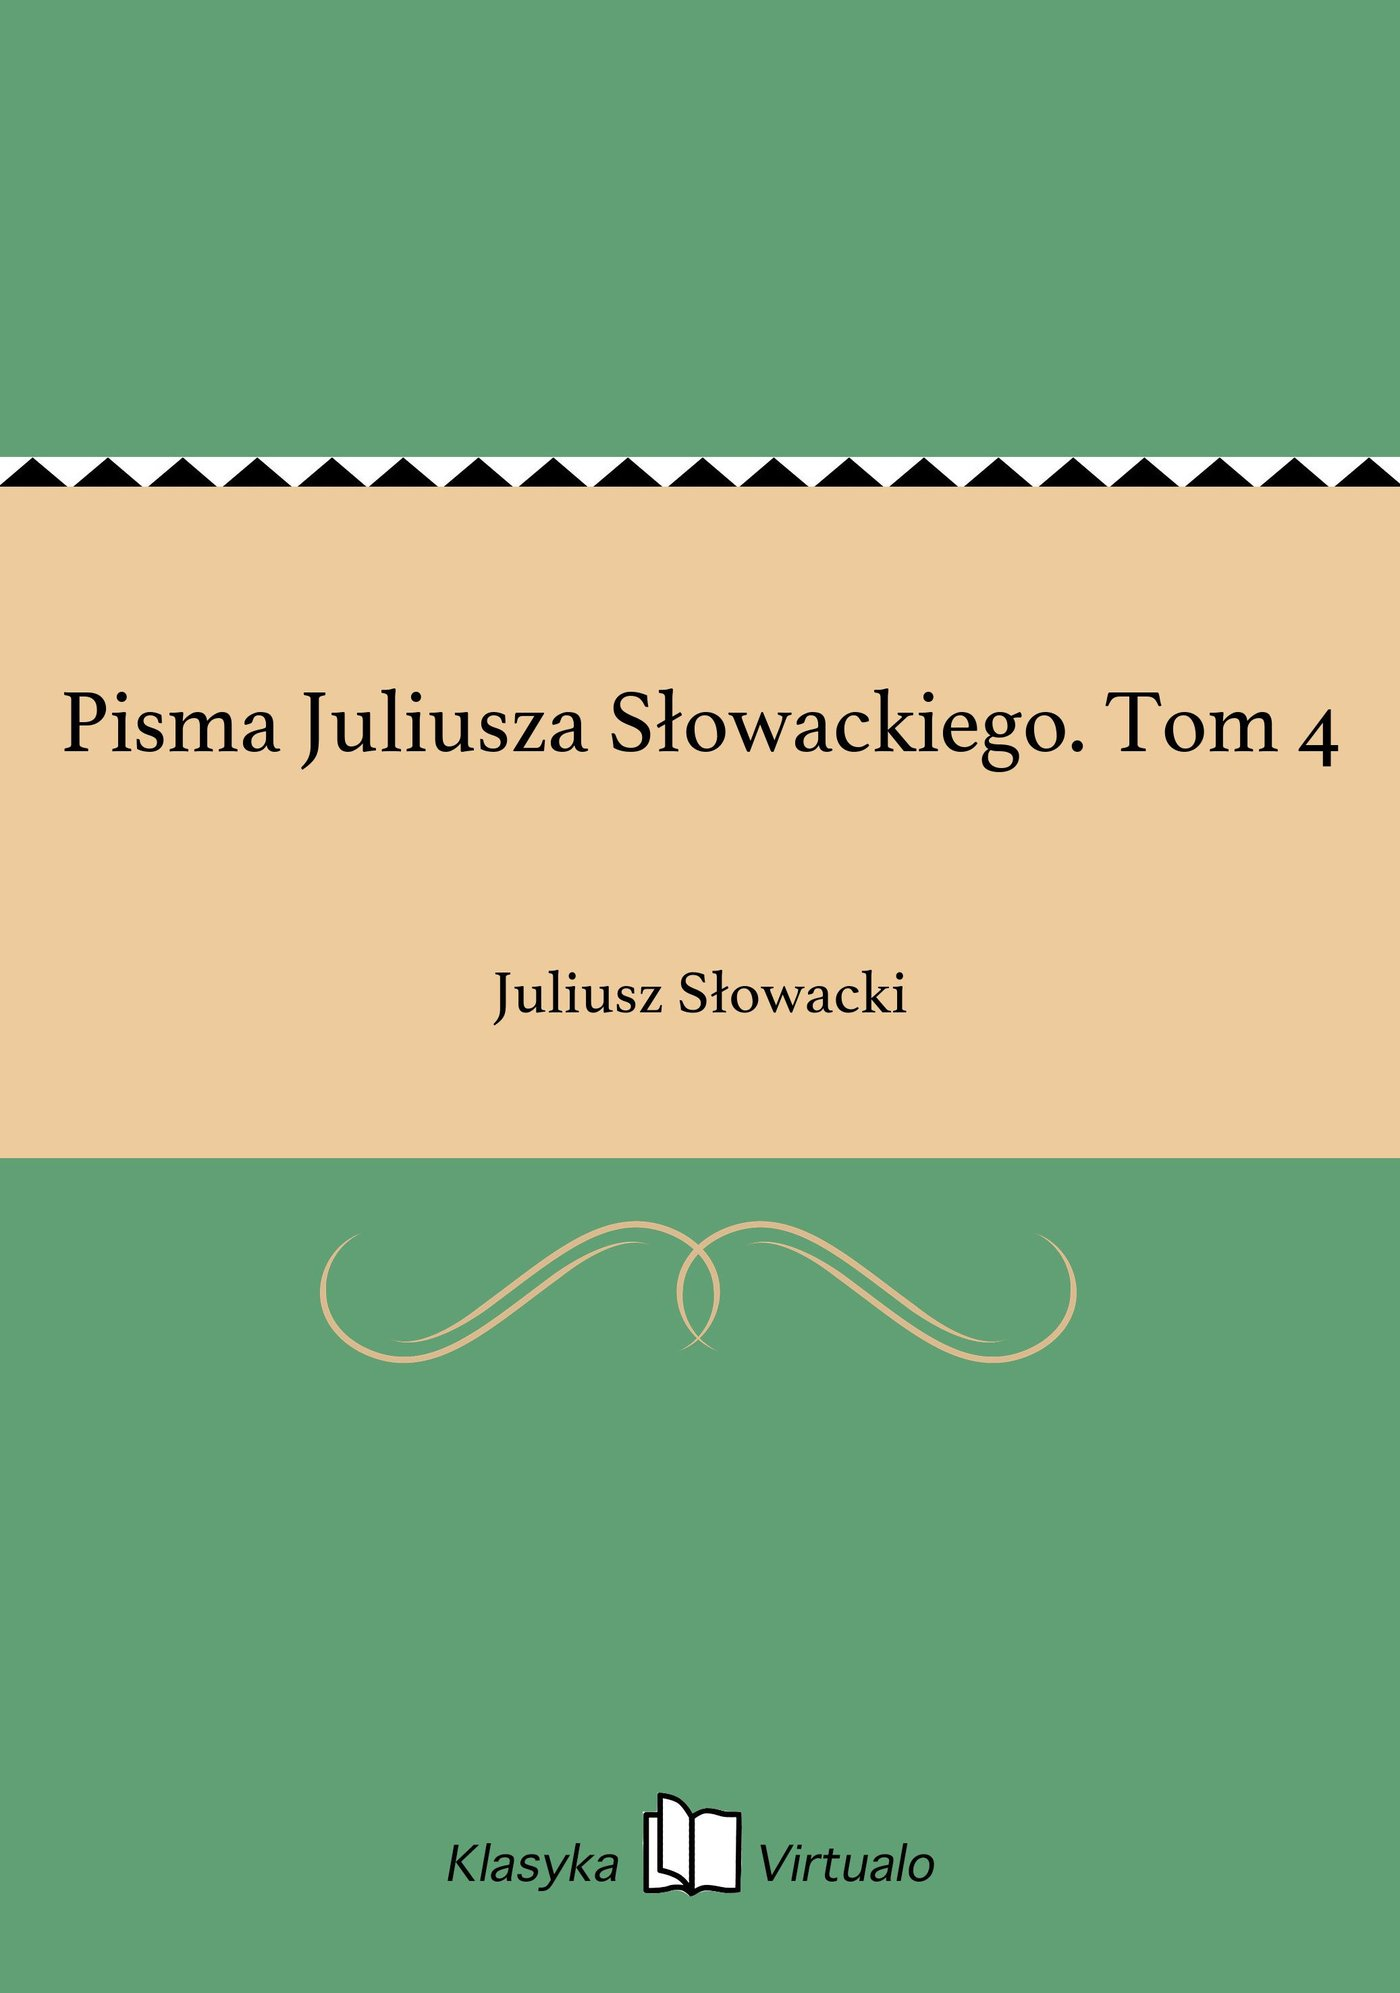 Pisma Juliusza Słowackiego. Tom 4 - Ebook (Książka na Kindle) do pobrania w formacie MOBI